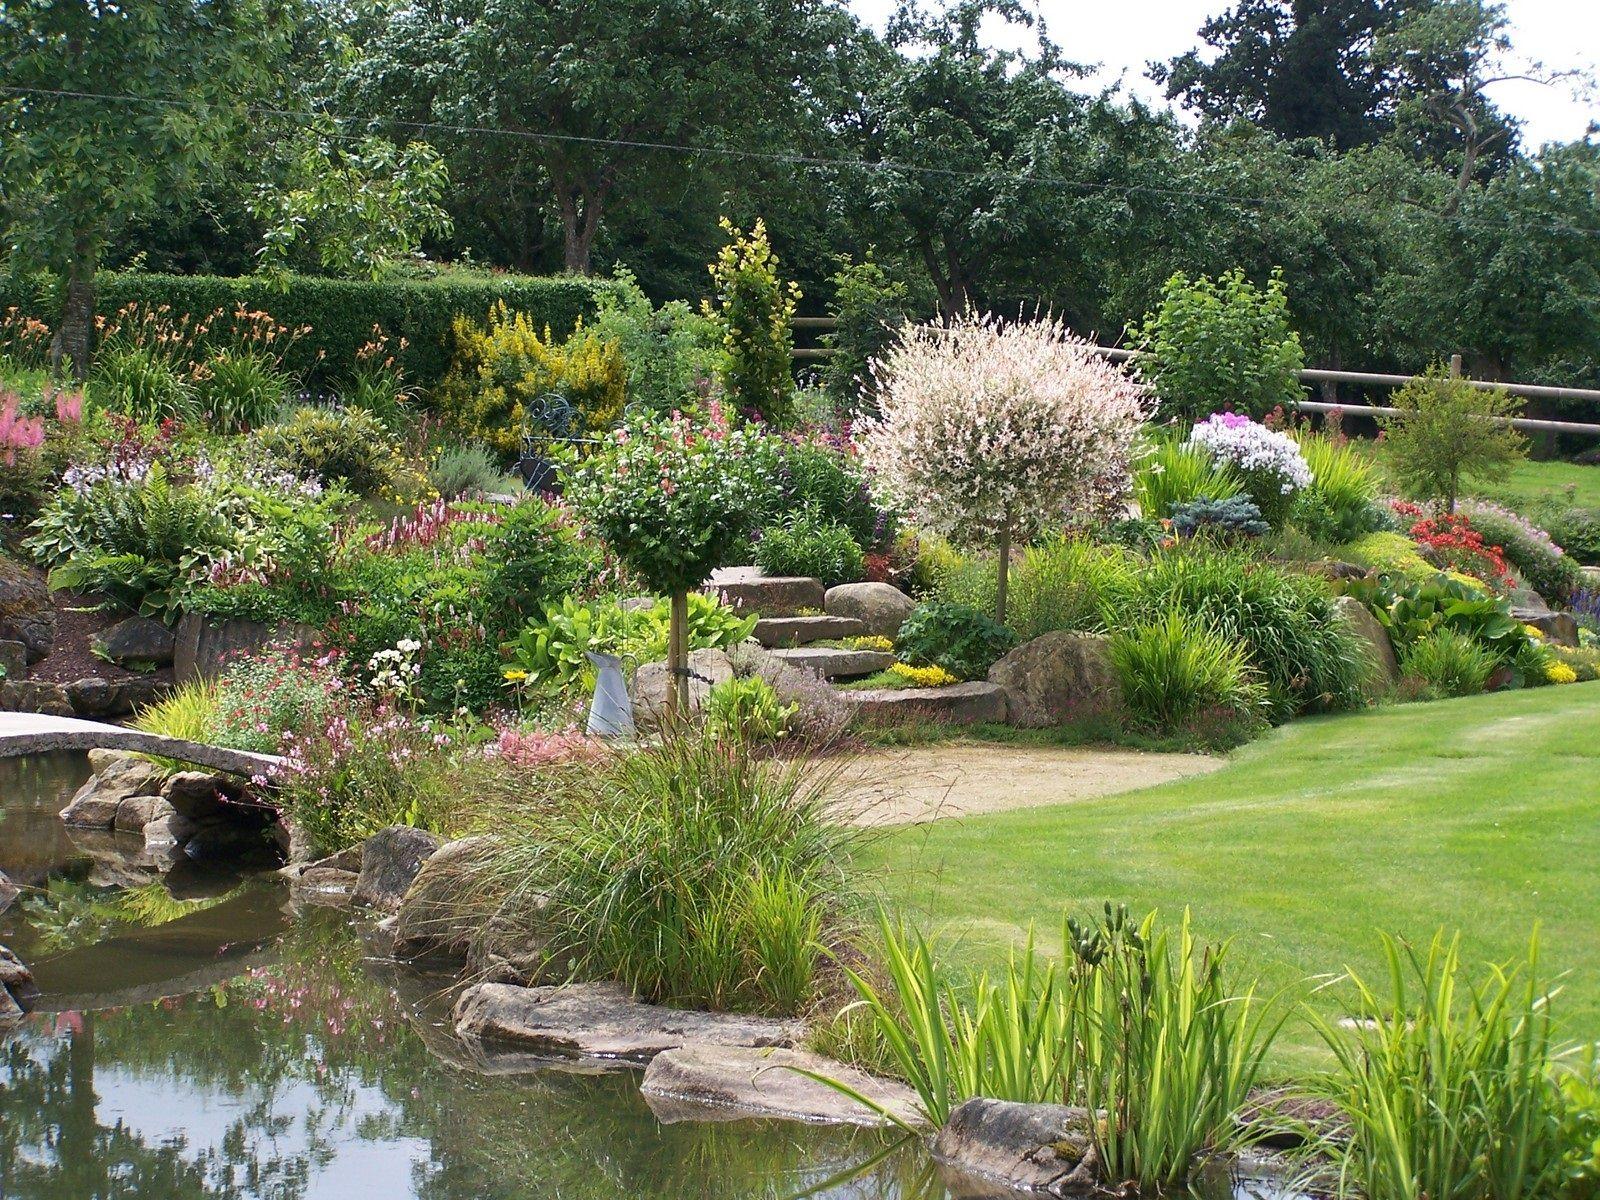 quelles plantes et fleurs choisir pour cr er un beau jardin rapidement m6 jardins. Black Bedroom Furniture Sets. Home Design Ideas